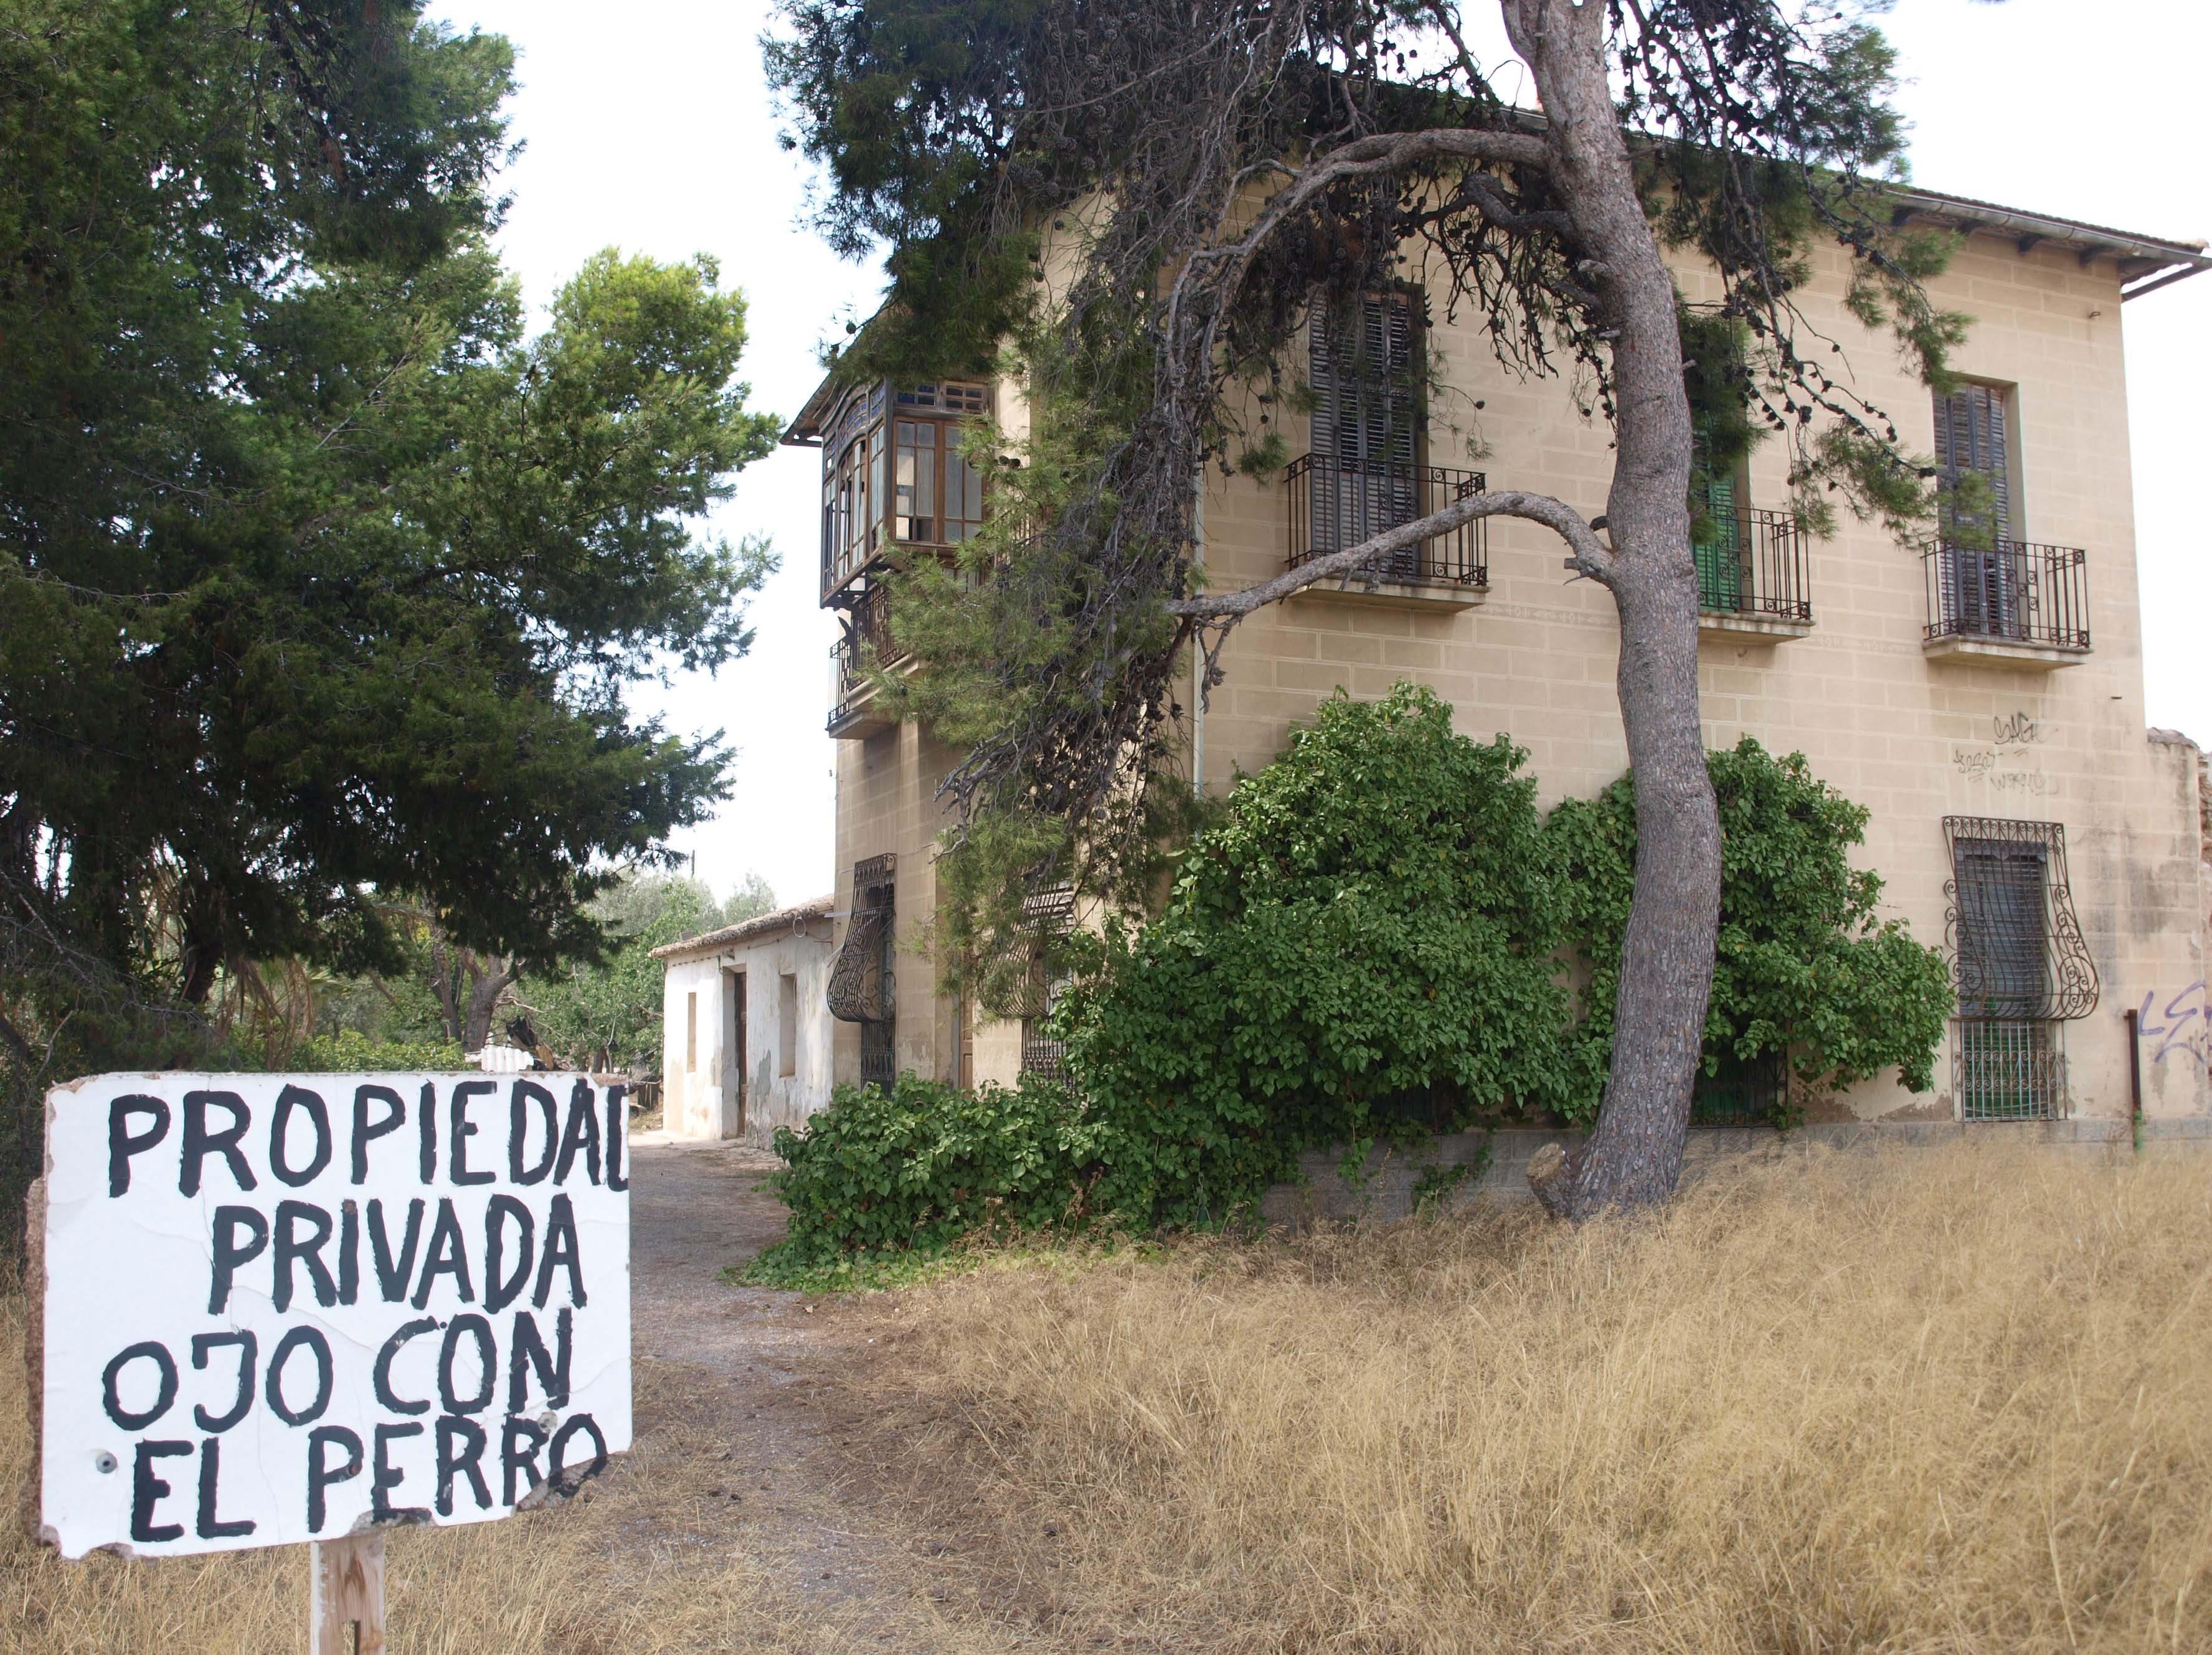 San Vicente insta al dueño de un caserón del siglo XIX a restaurarlo tras su catalogación como Bien Protegido